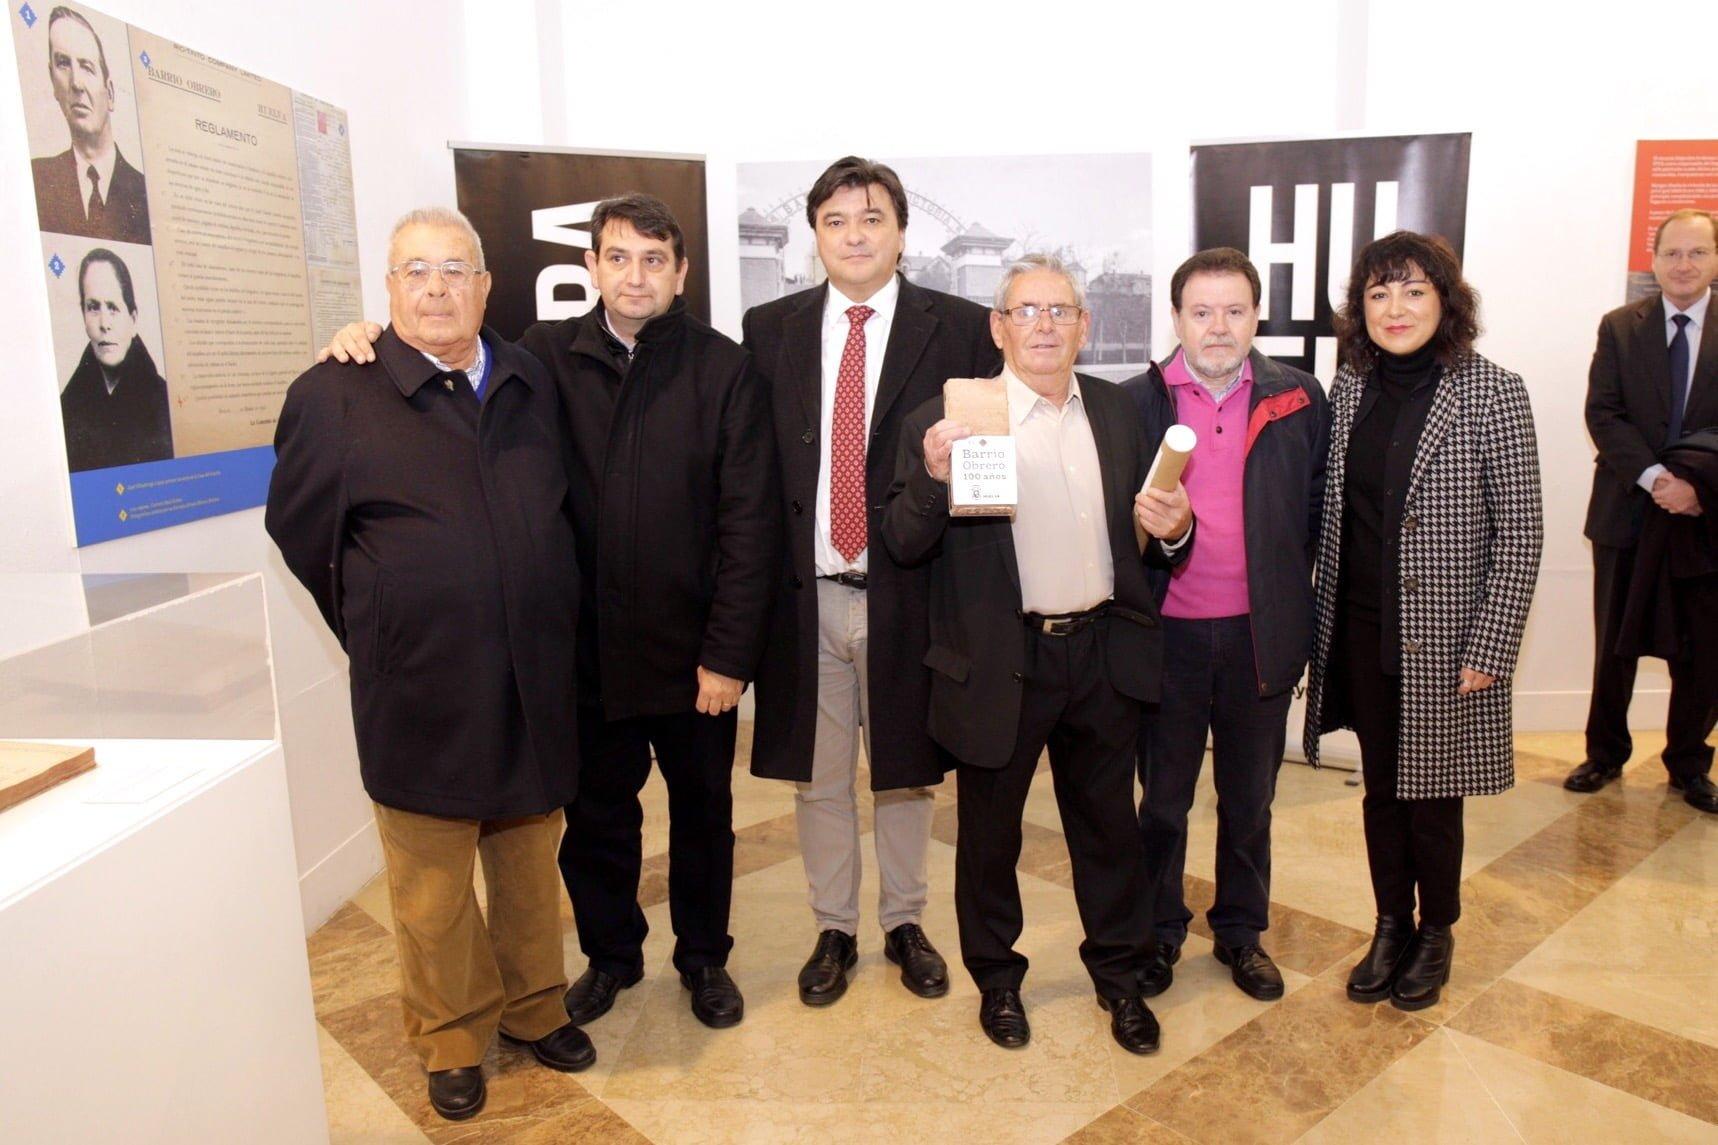 El alcalde de Huelva ha inaugurado la exposición, acompañado por el presidente de la AAVV Santa Bárbara